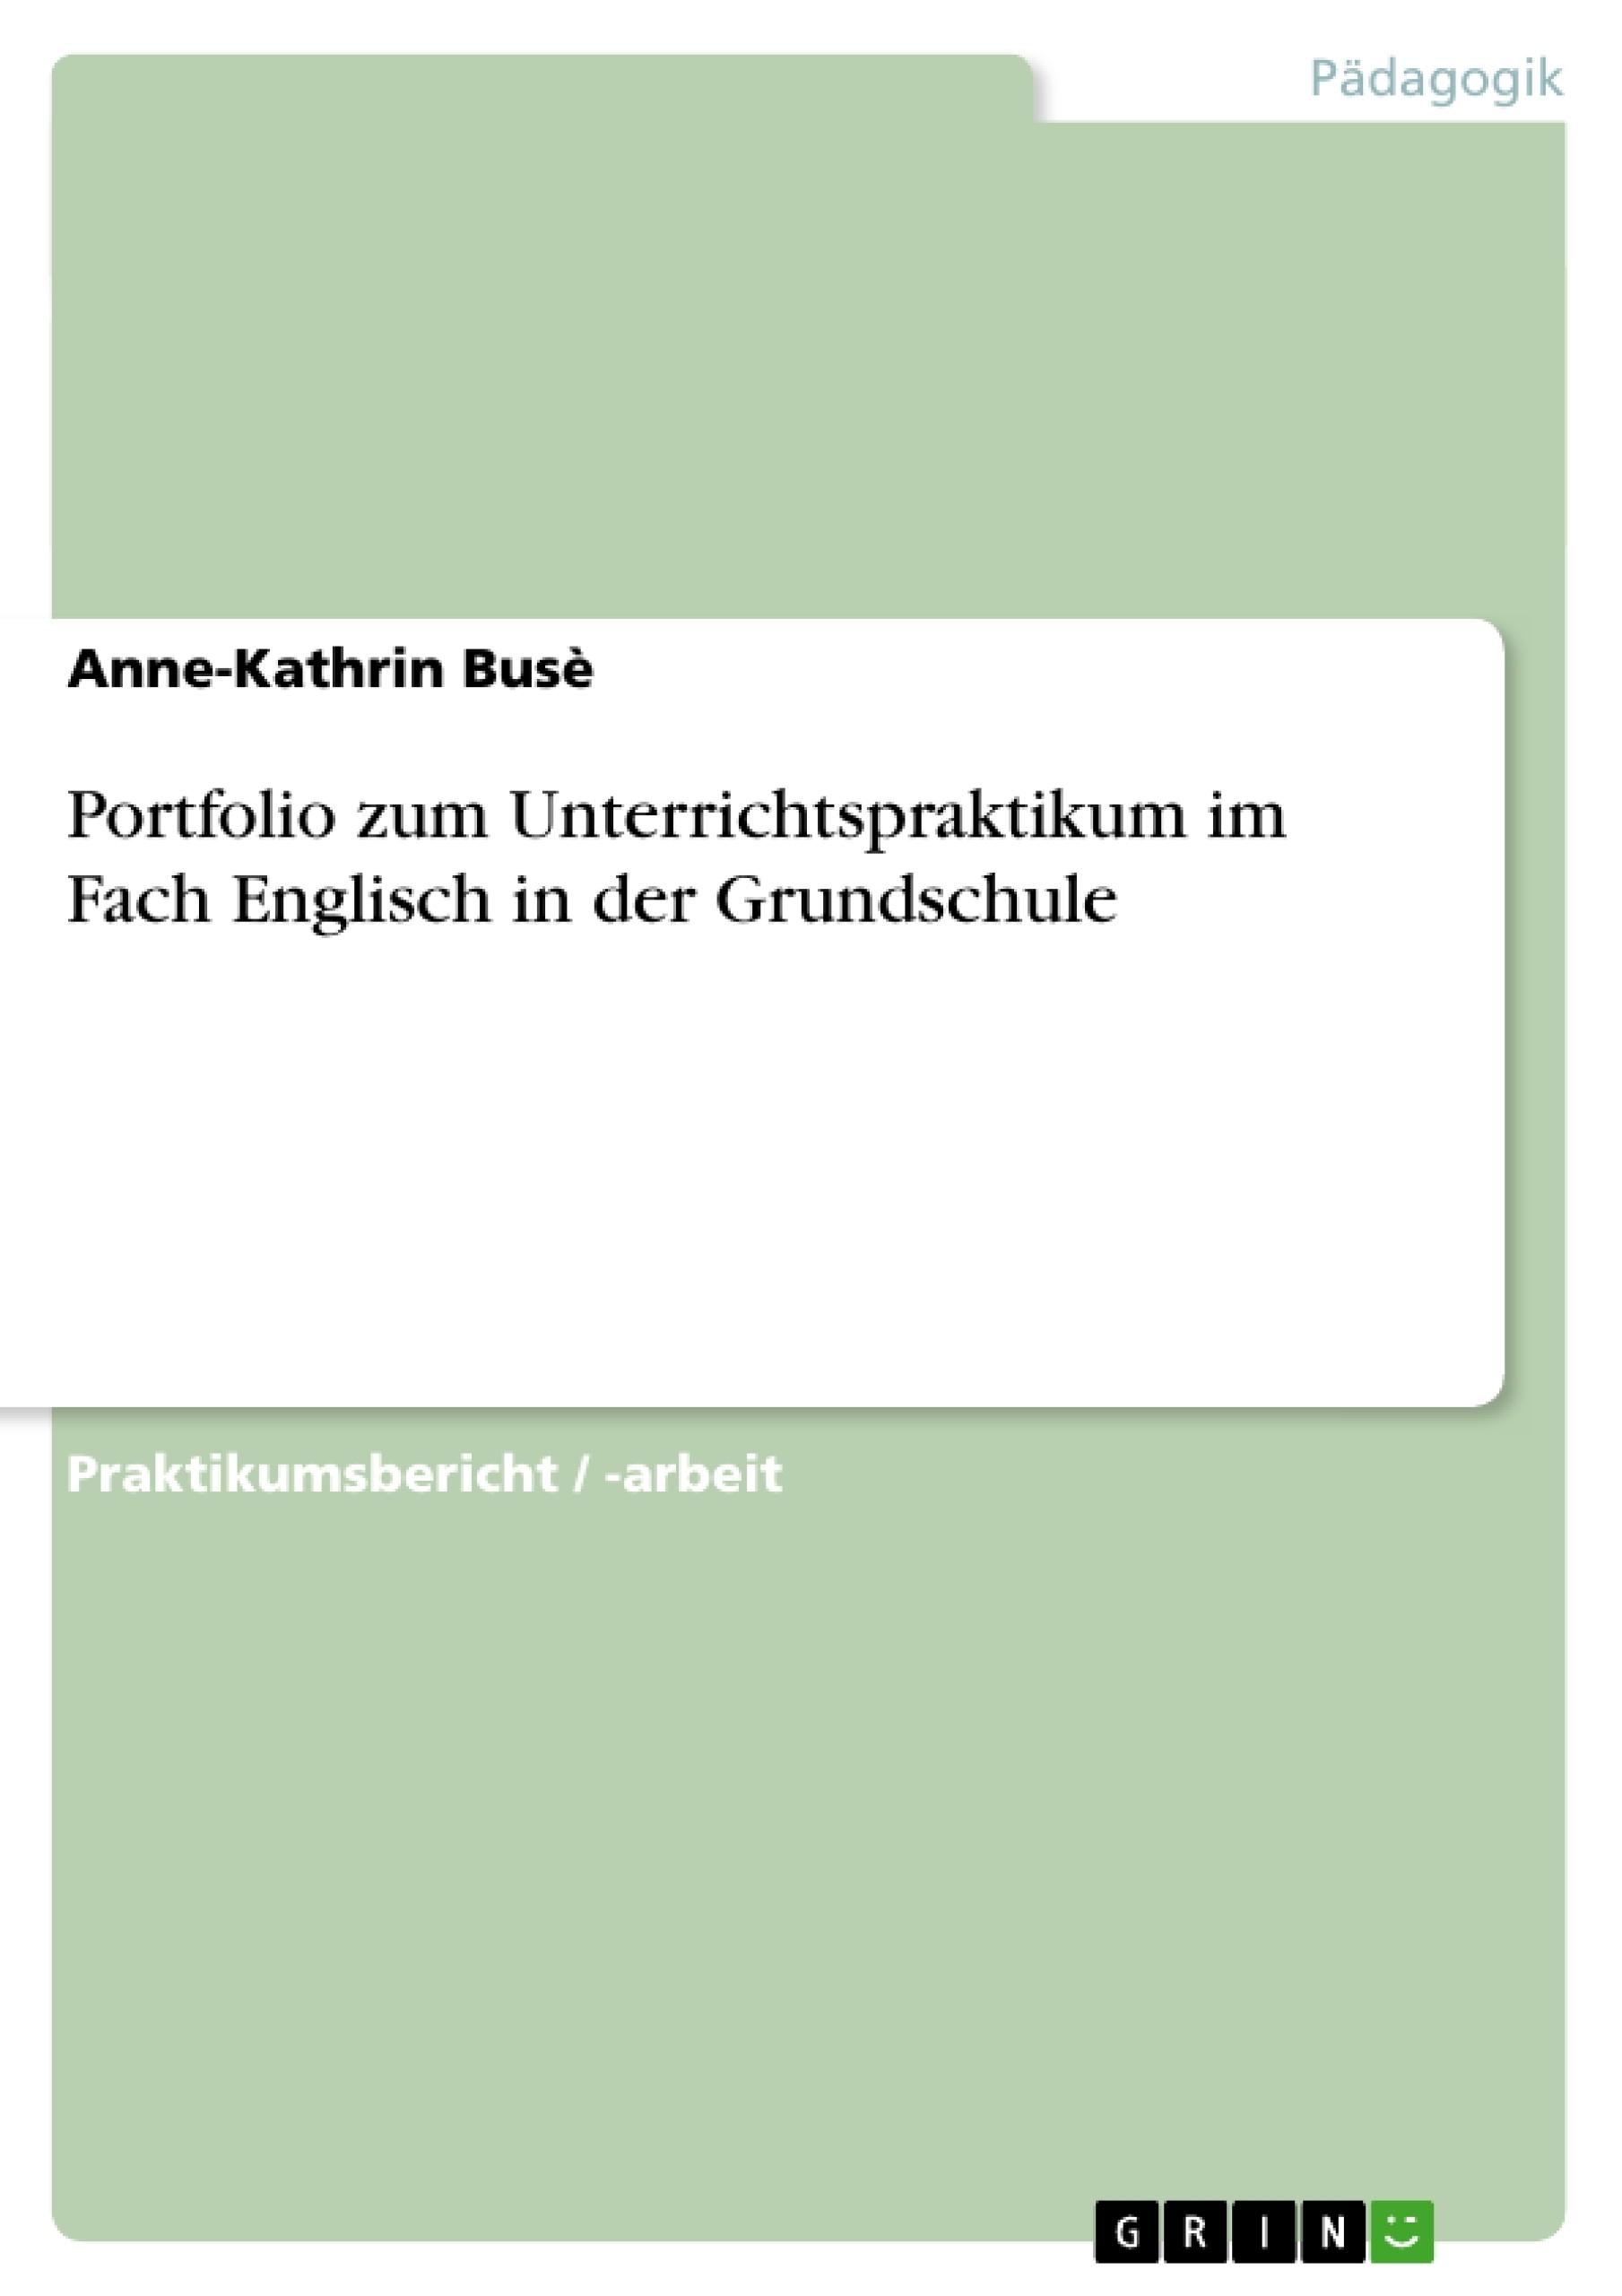 Portfolio zum Unterrichtspraktikum im Fach Englisch in der ...